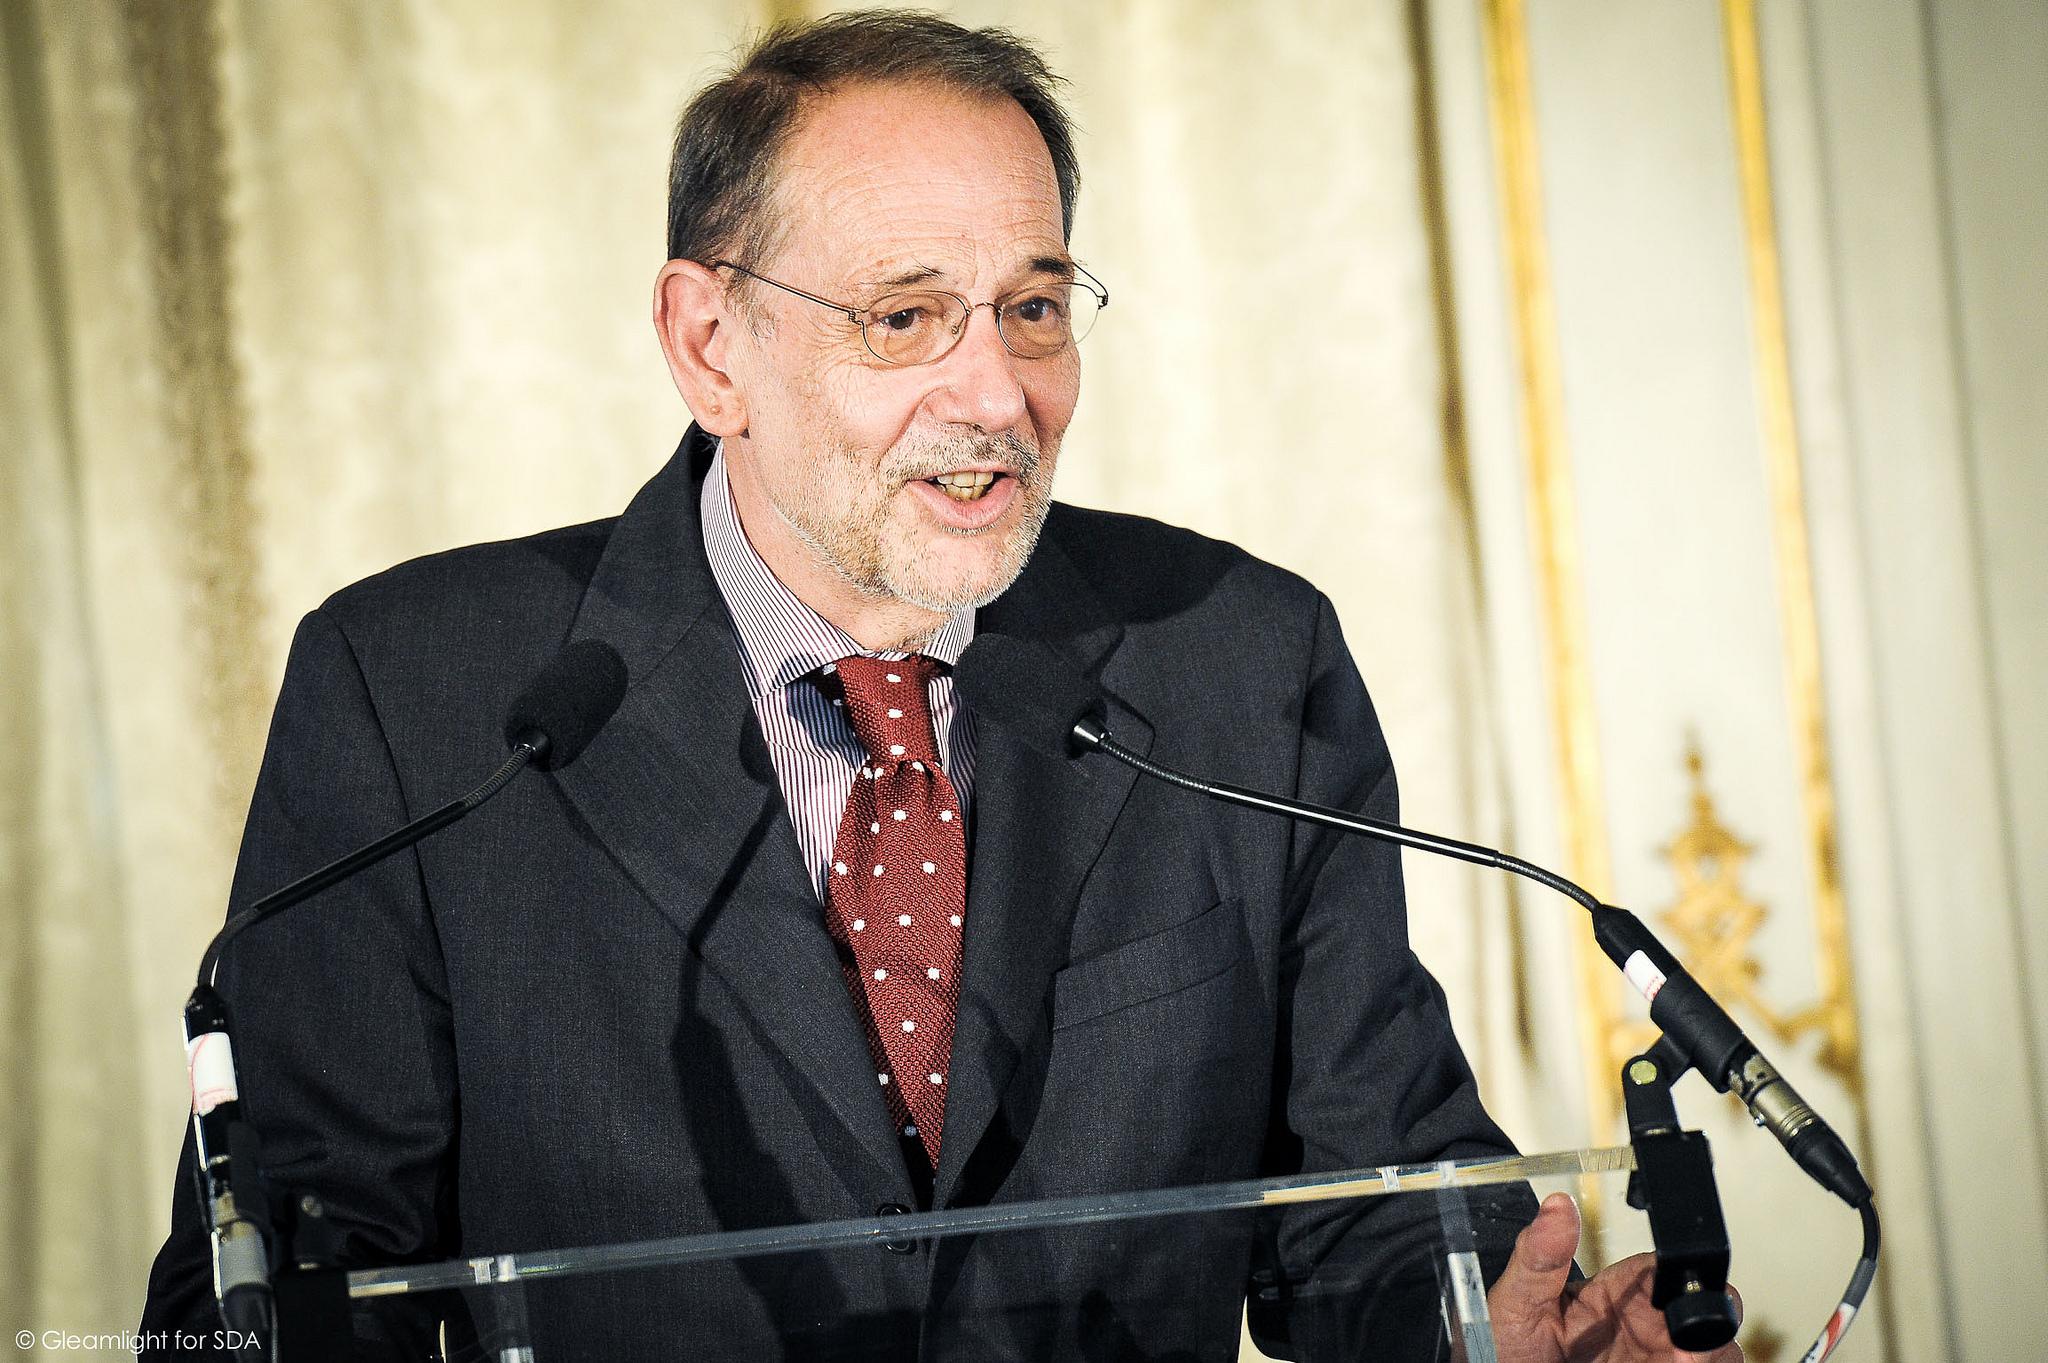 El político y diplomático español Javier Solana (CC. Security & Defence Agenda)